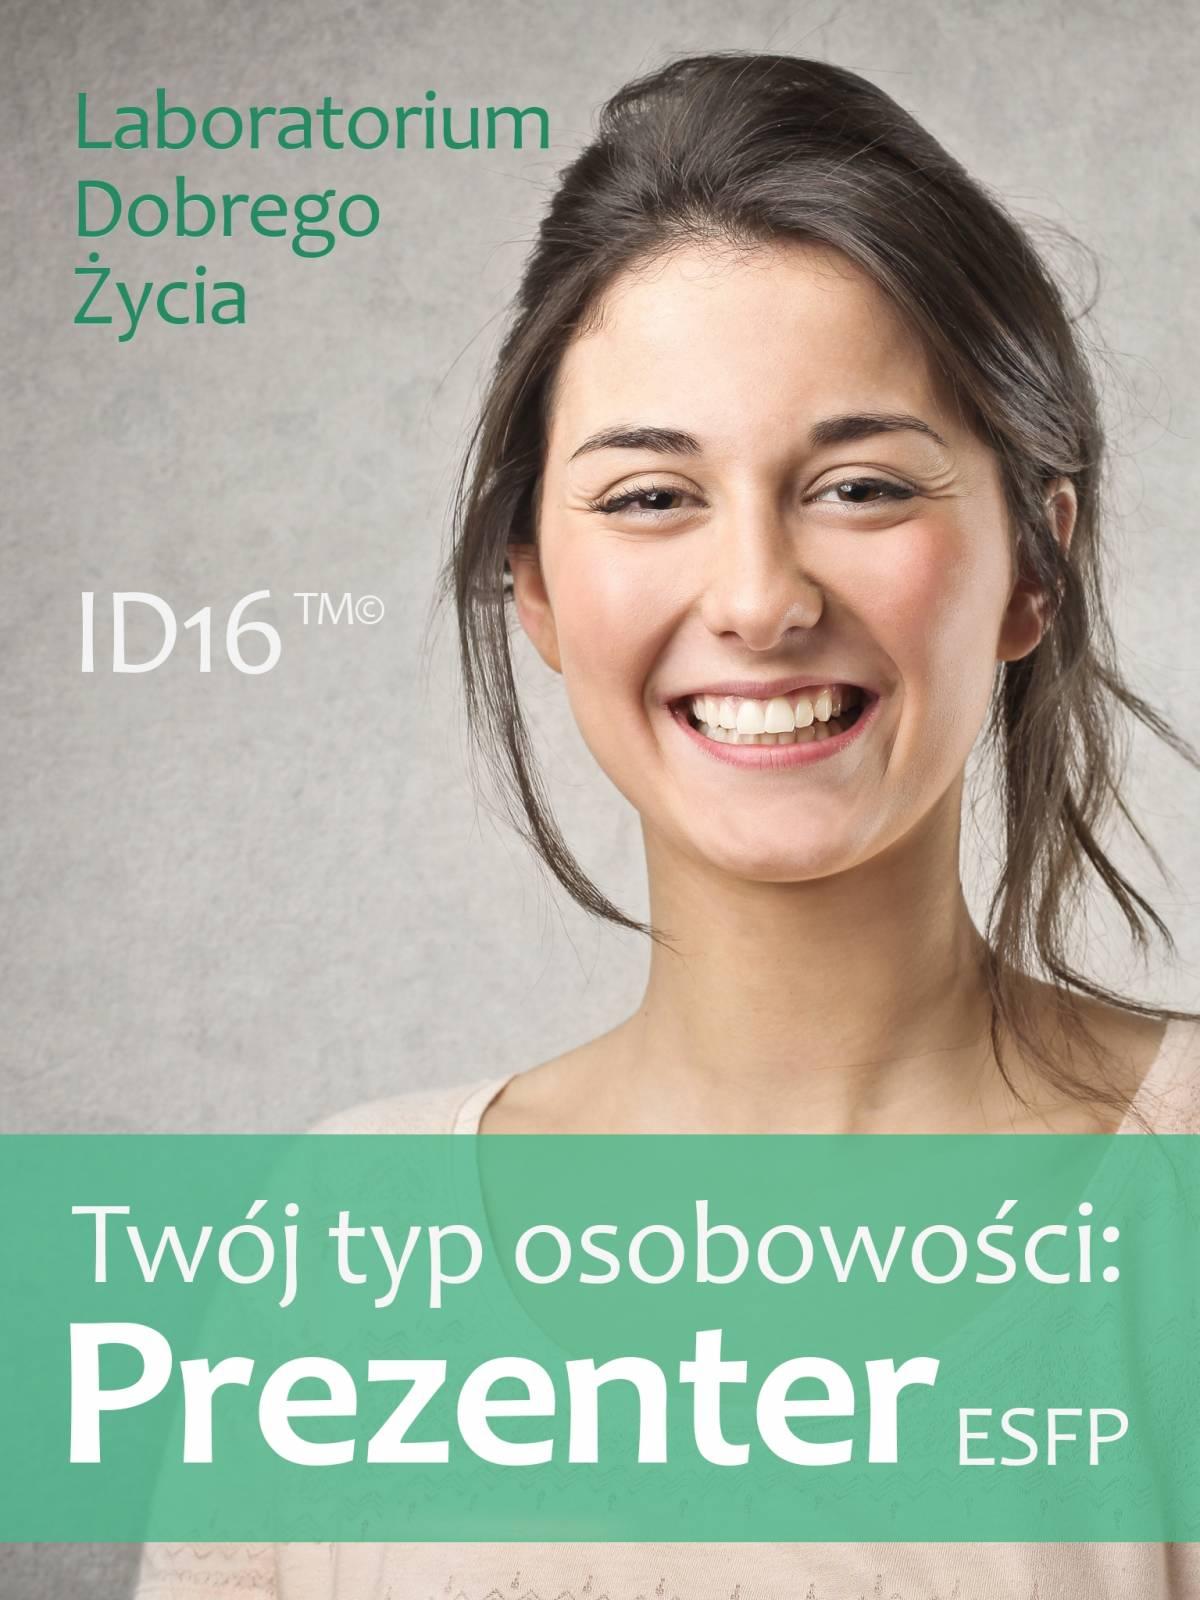 Twój typ osobowości: Prezenter (ESFP) - Ebook (Książka EPUB) do pobrania w formacie EPUB